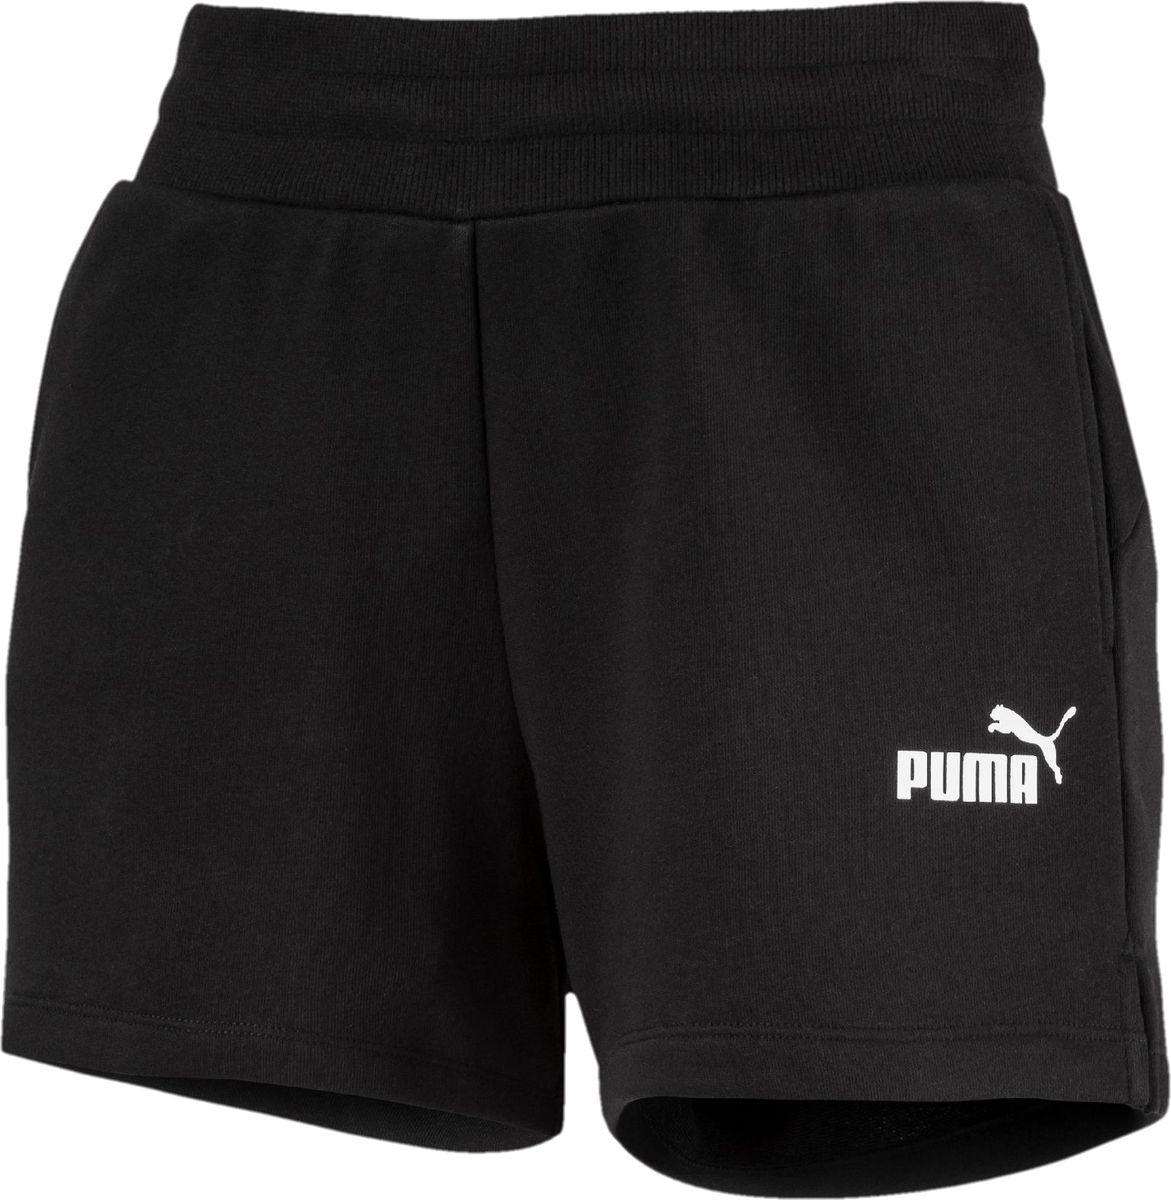 Шорты PUMA Essentials Sweat Shorts недорго, оригинальная цена